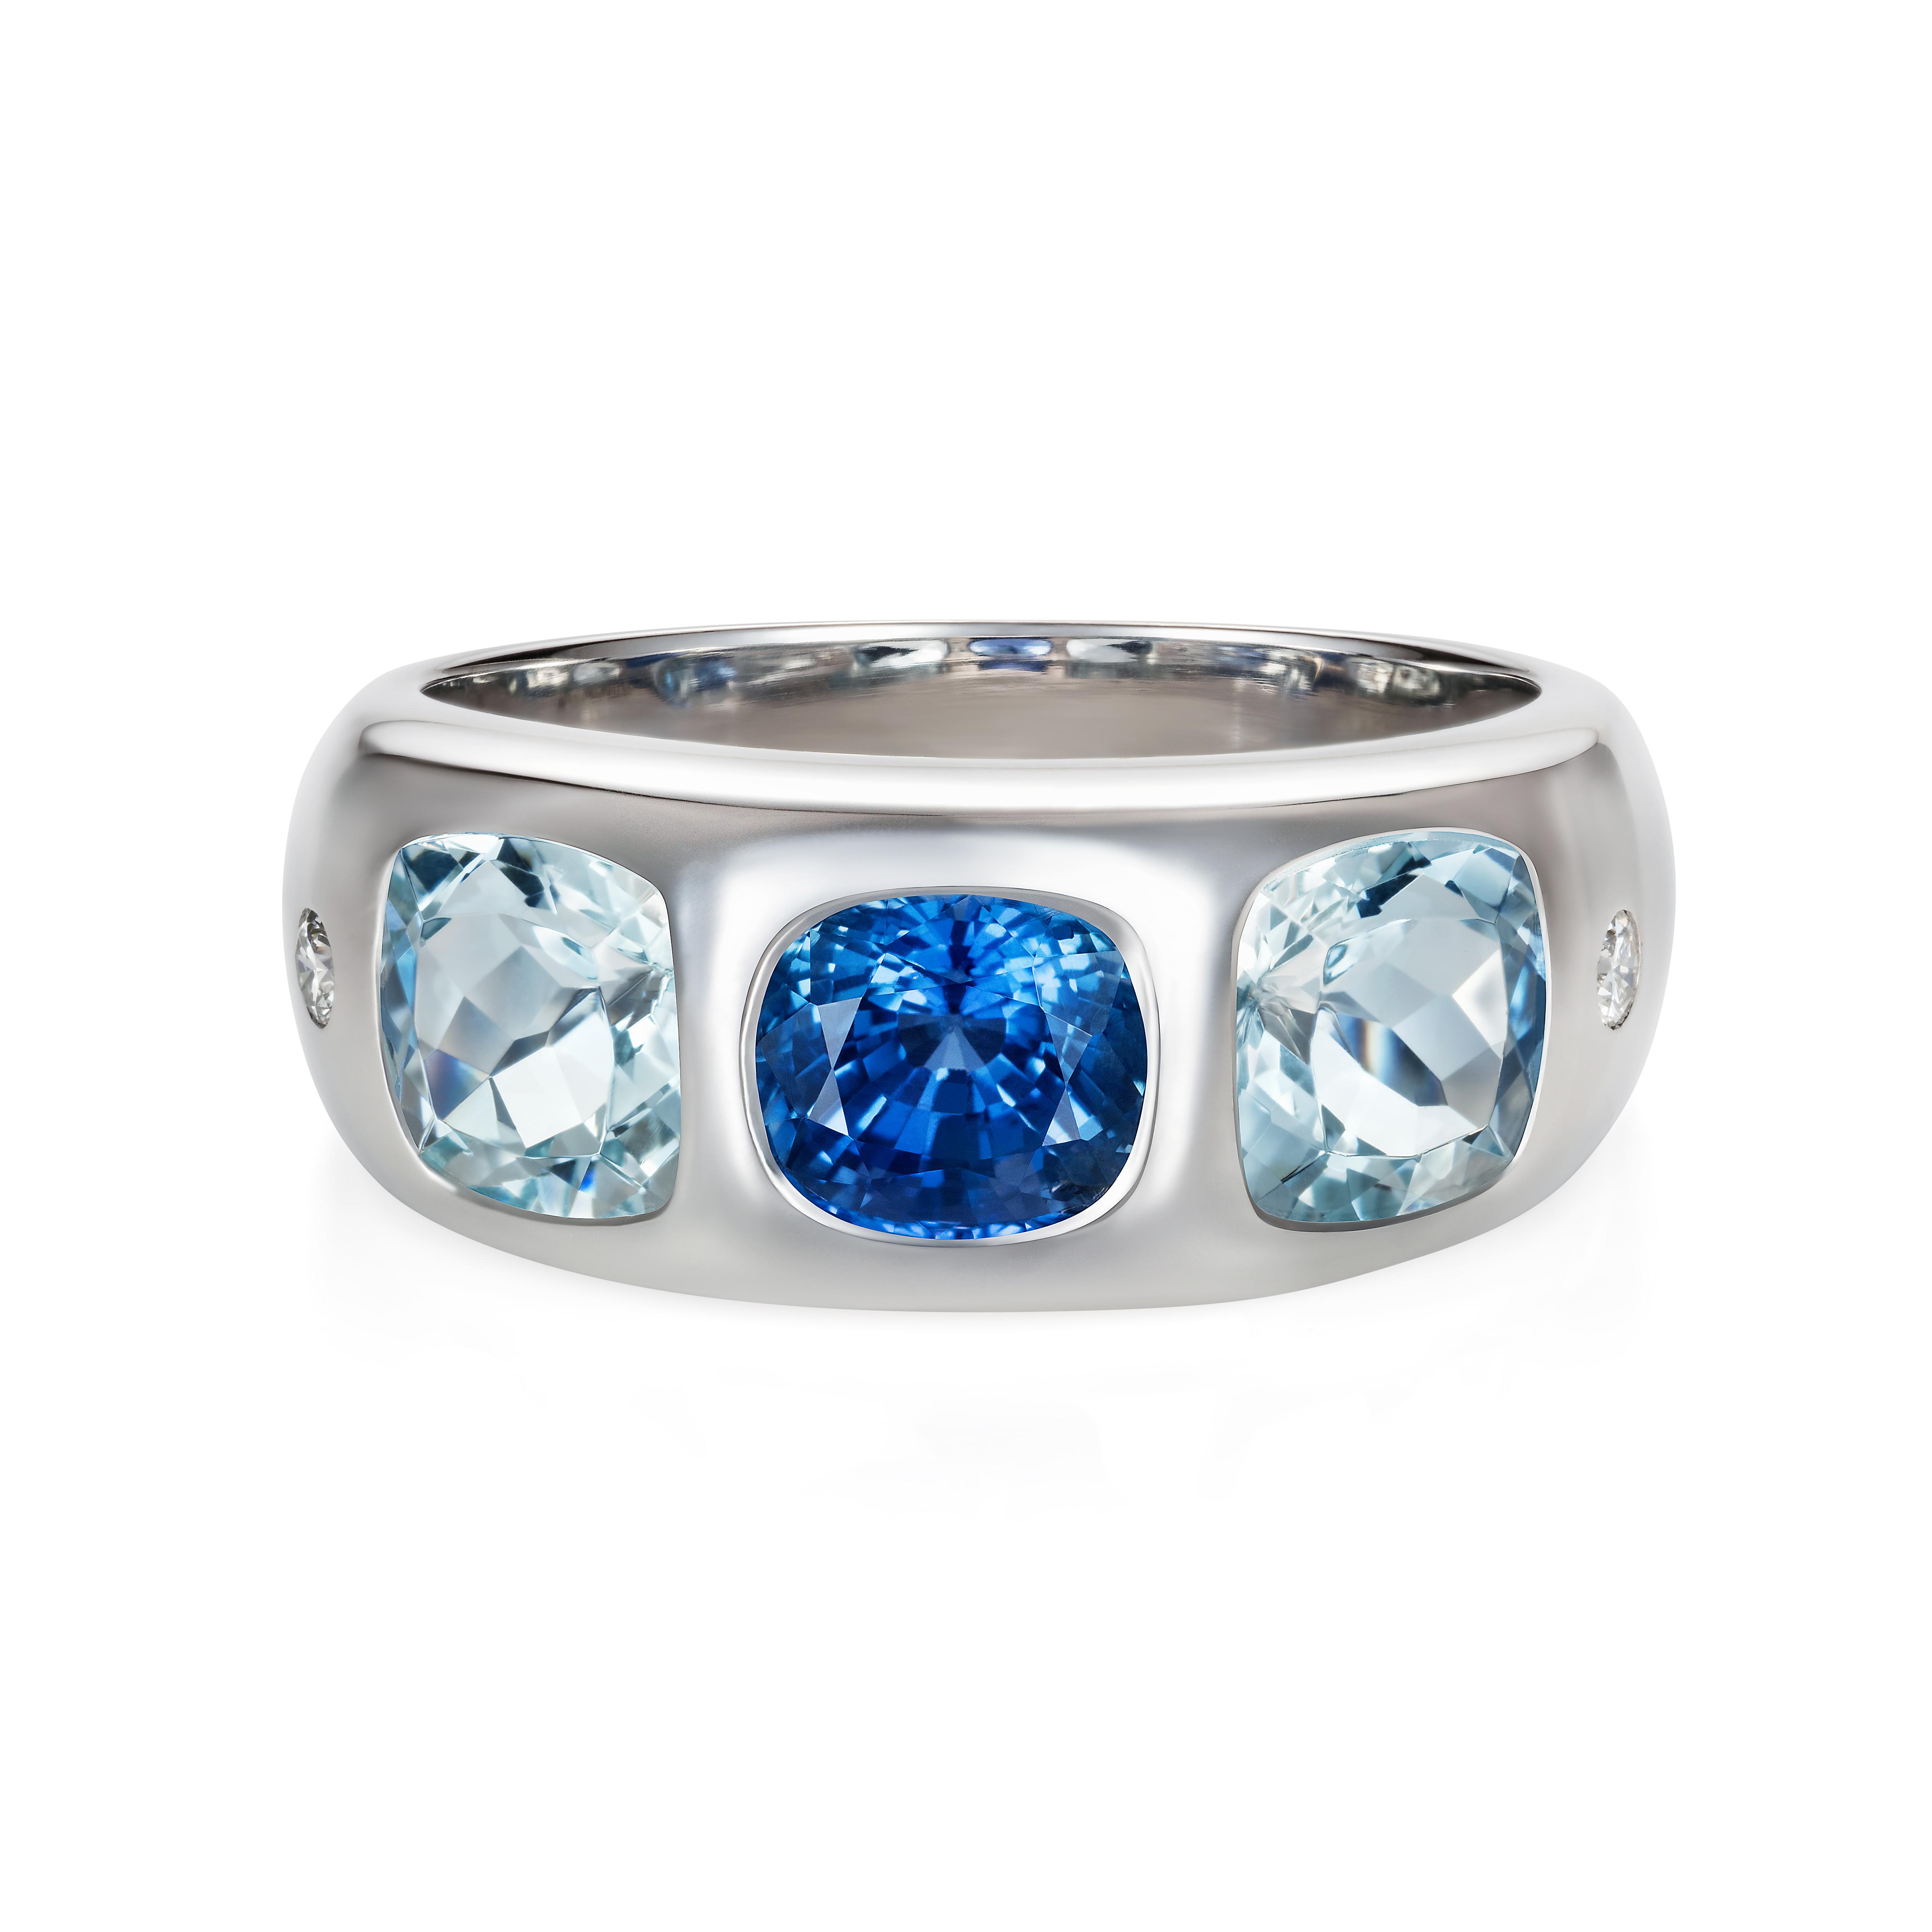 Sapphire, Aquamarine And Diamond Ring 18k White Gold